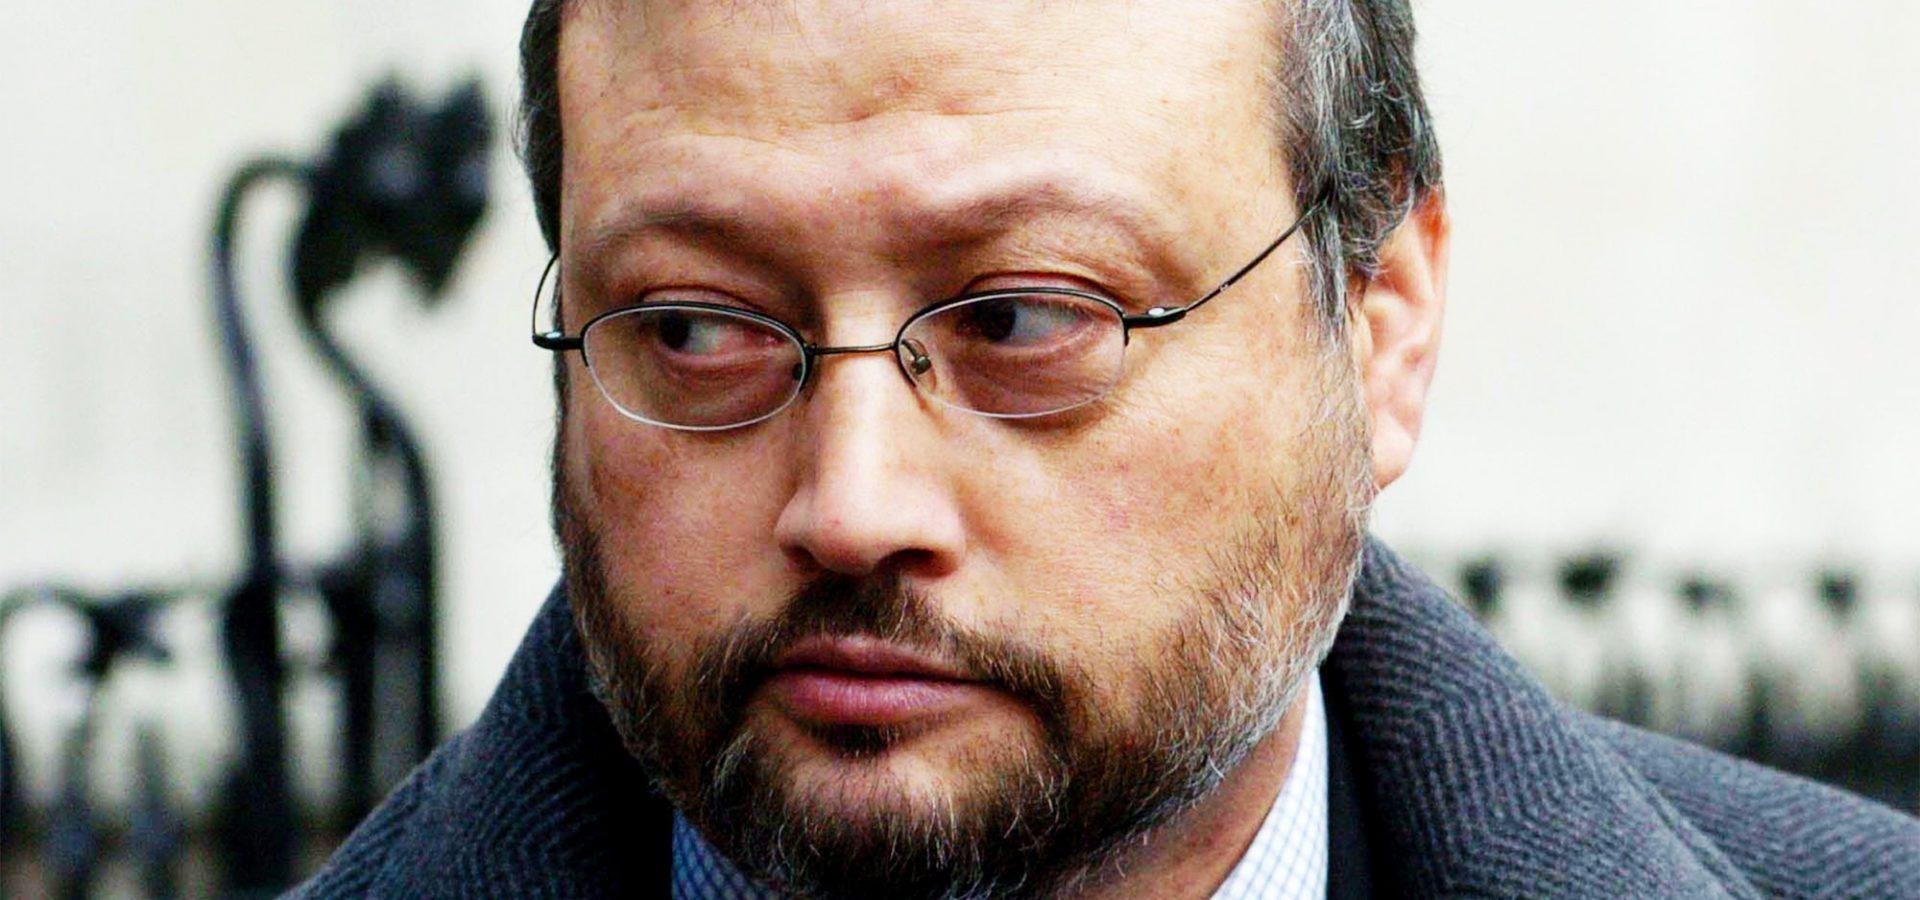 Suspecții din cazul uciderii lui Jamal Khashoggi, incluși pe noua listă de sancțiuni a Angliei